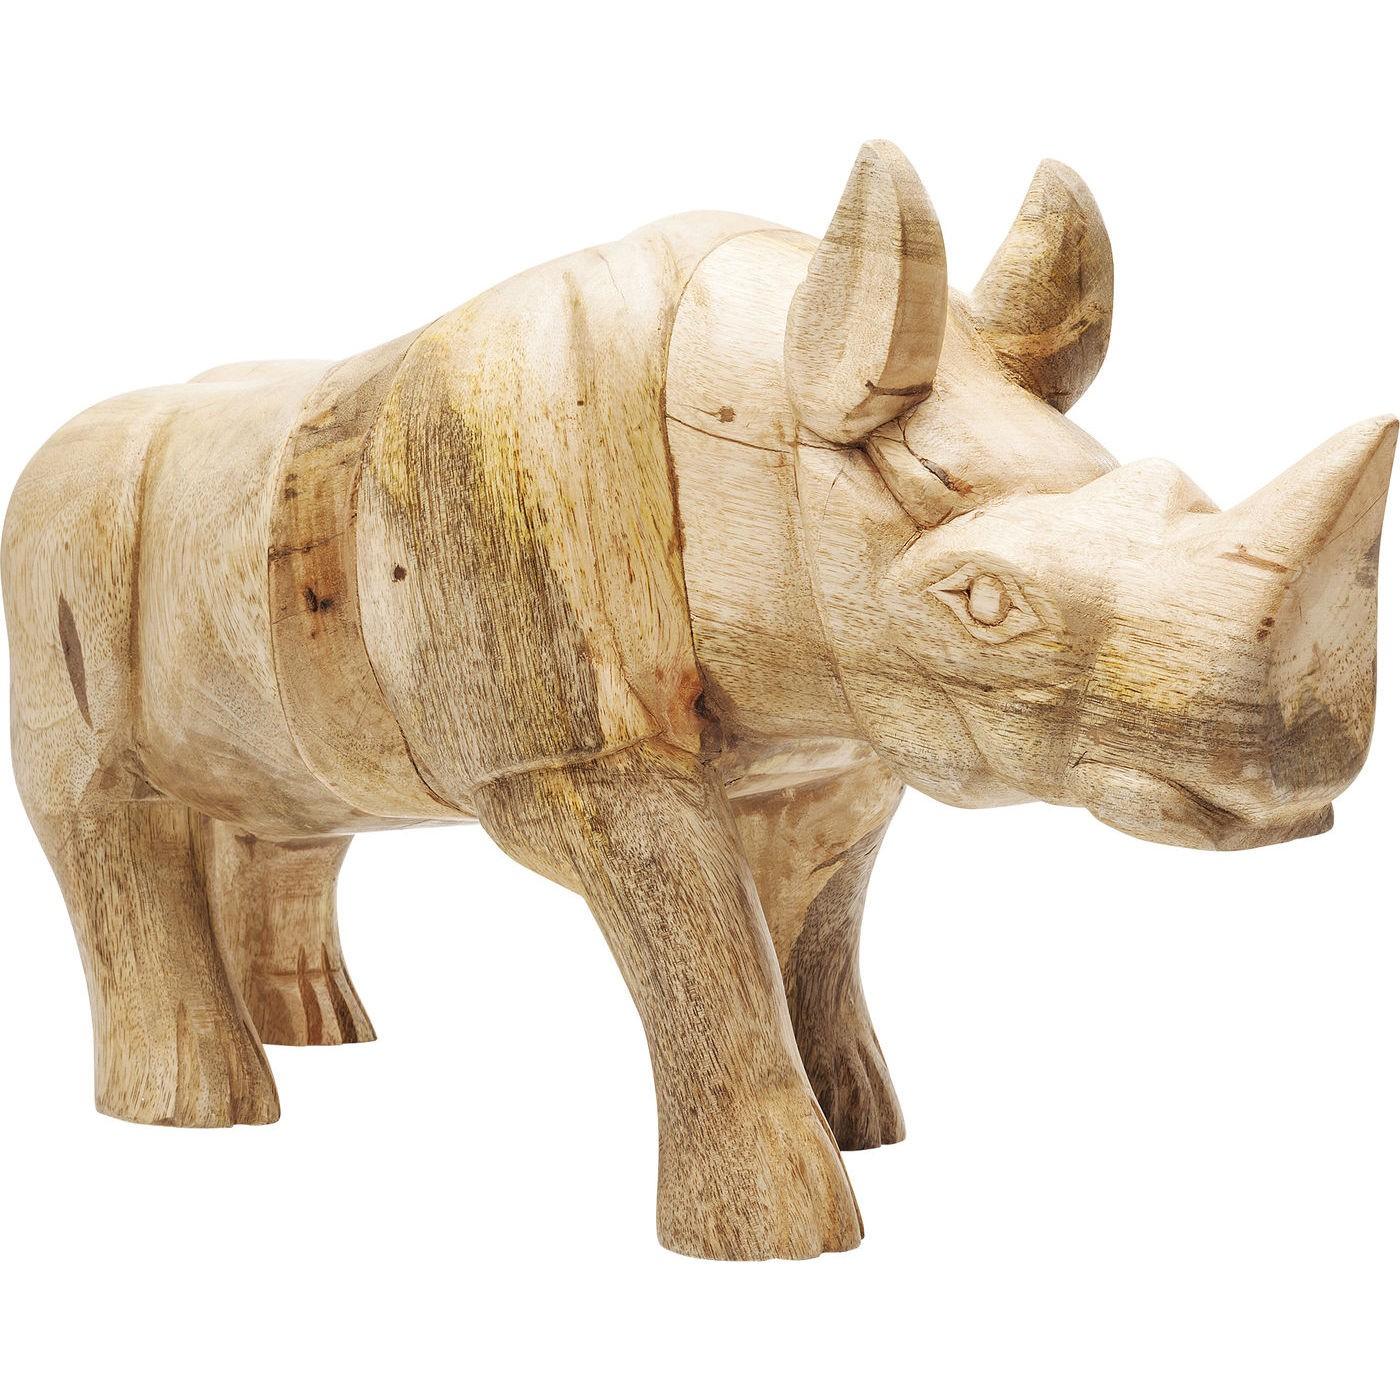 Billede af Dekoration Figur Rhino Træ